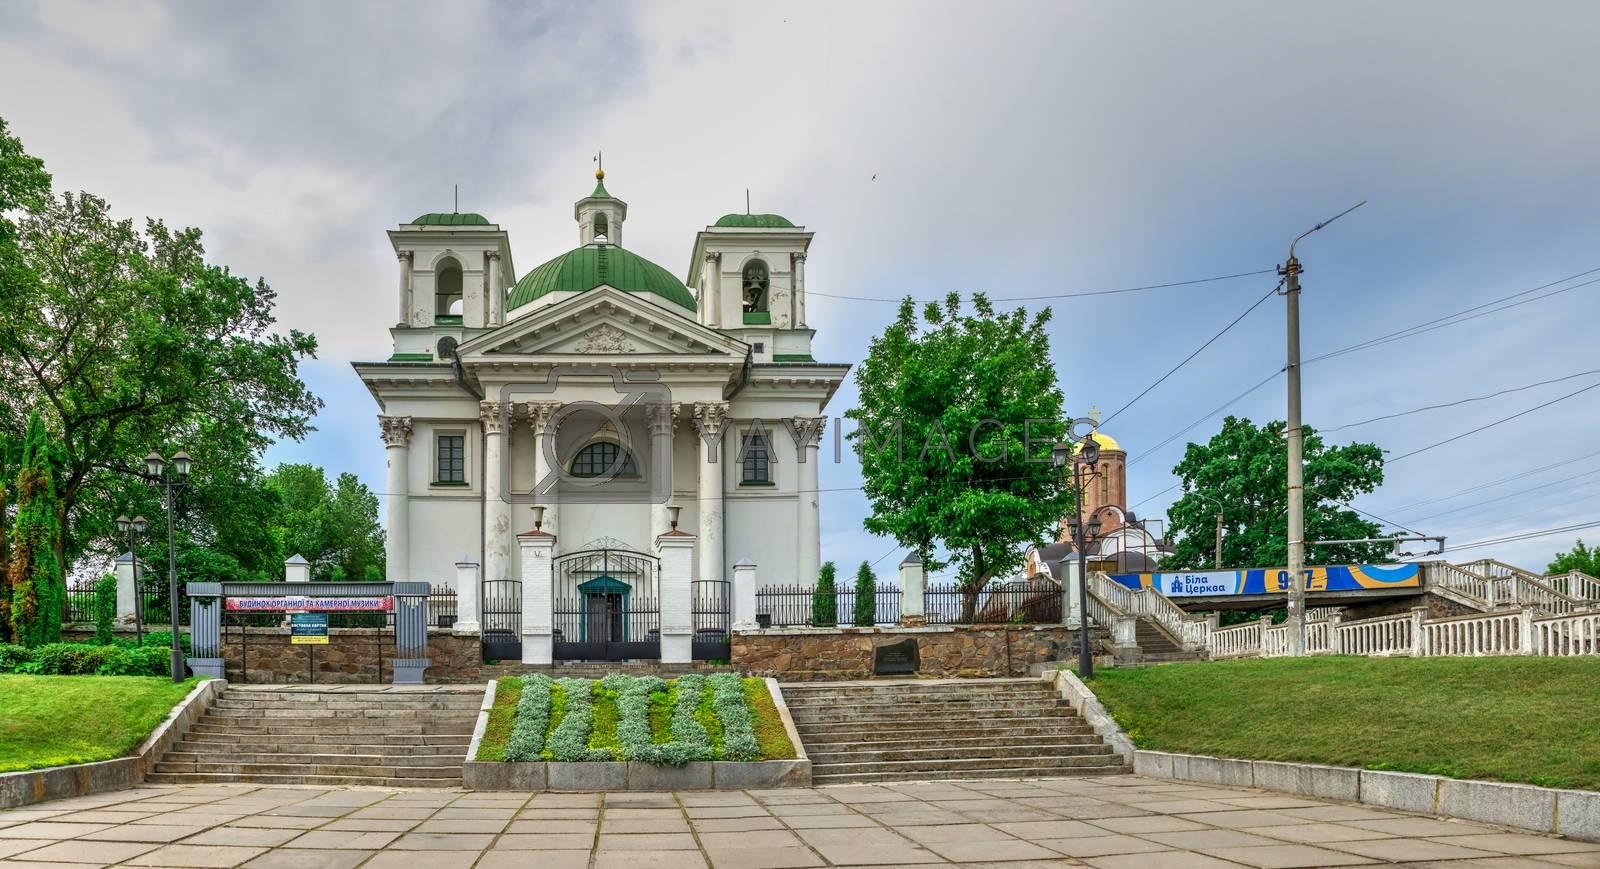 Bila Tserkva, Ukraine 06.20.2020. Church of St Ivan the Baptist in the city of Bila Tserkva, Ukraine, on a cloudy summer day